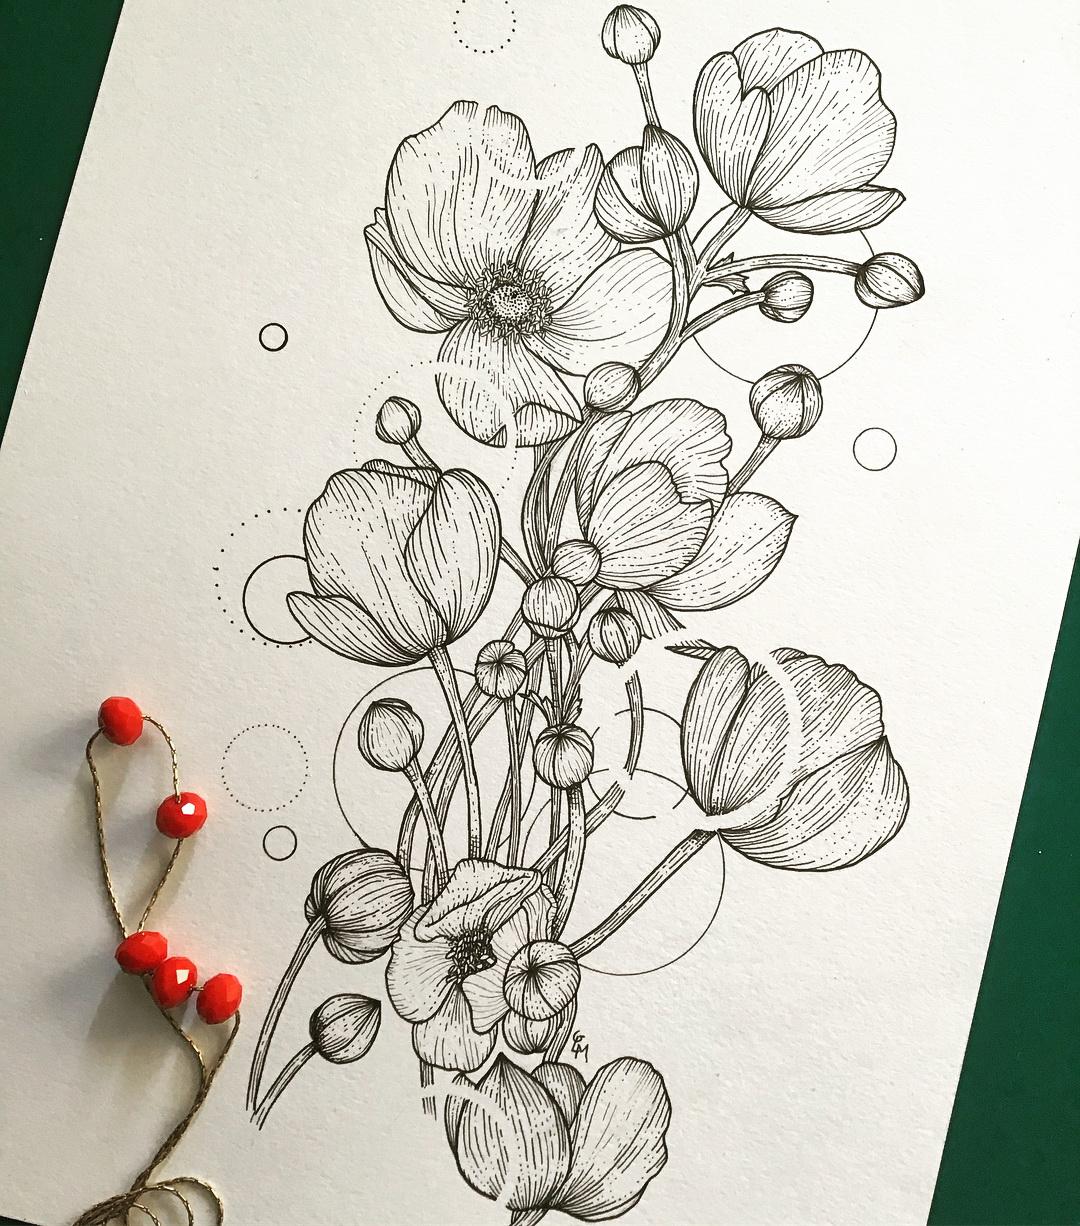 动物植物针管插画